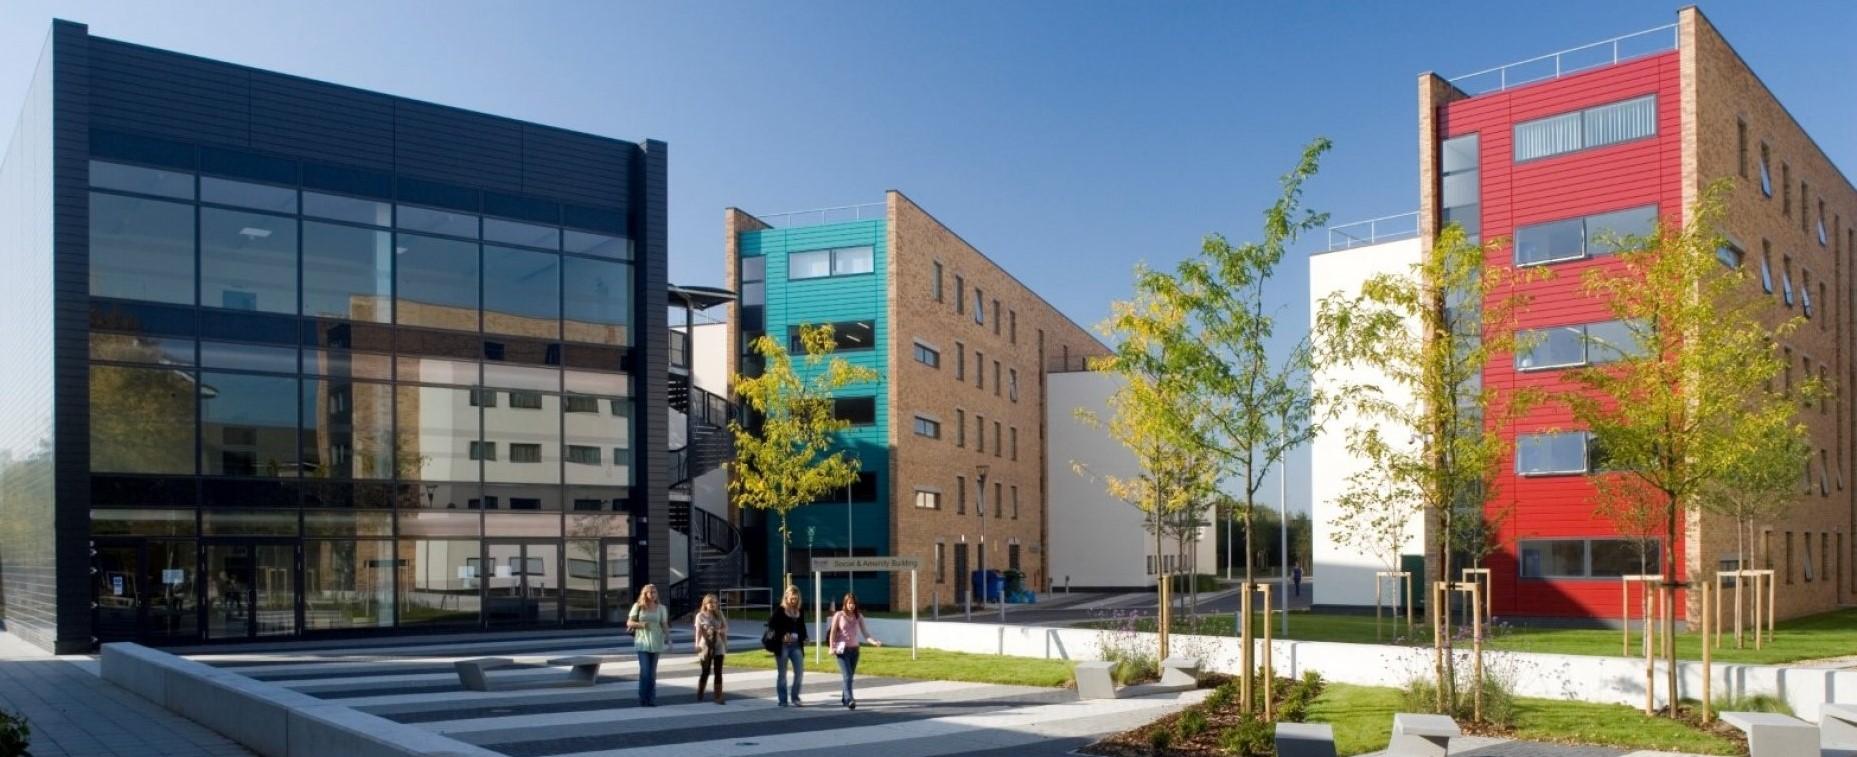 VACANZA STUDIO <br> 15-29 LUGLIO 2021 <br> UXBRIDGE-LONDRA